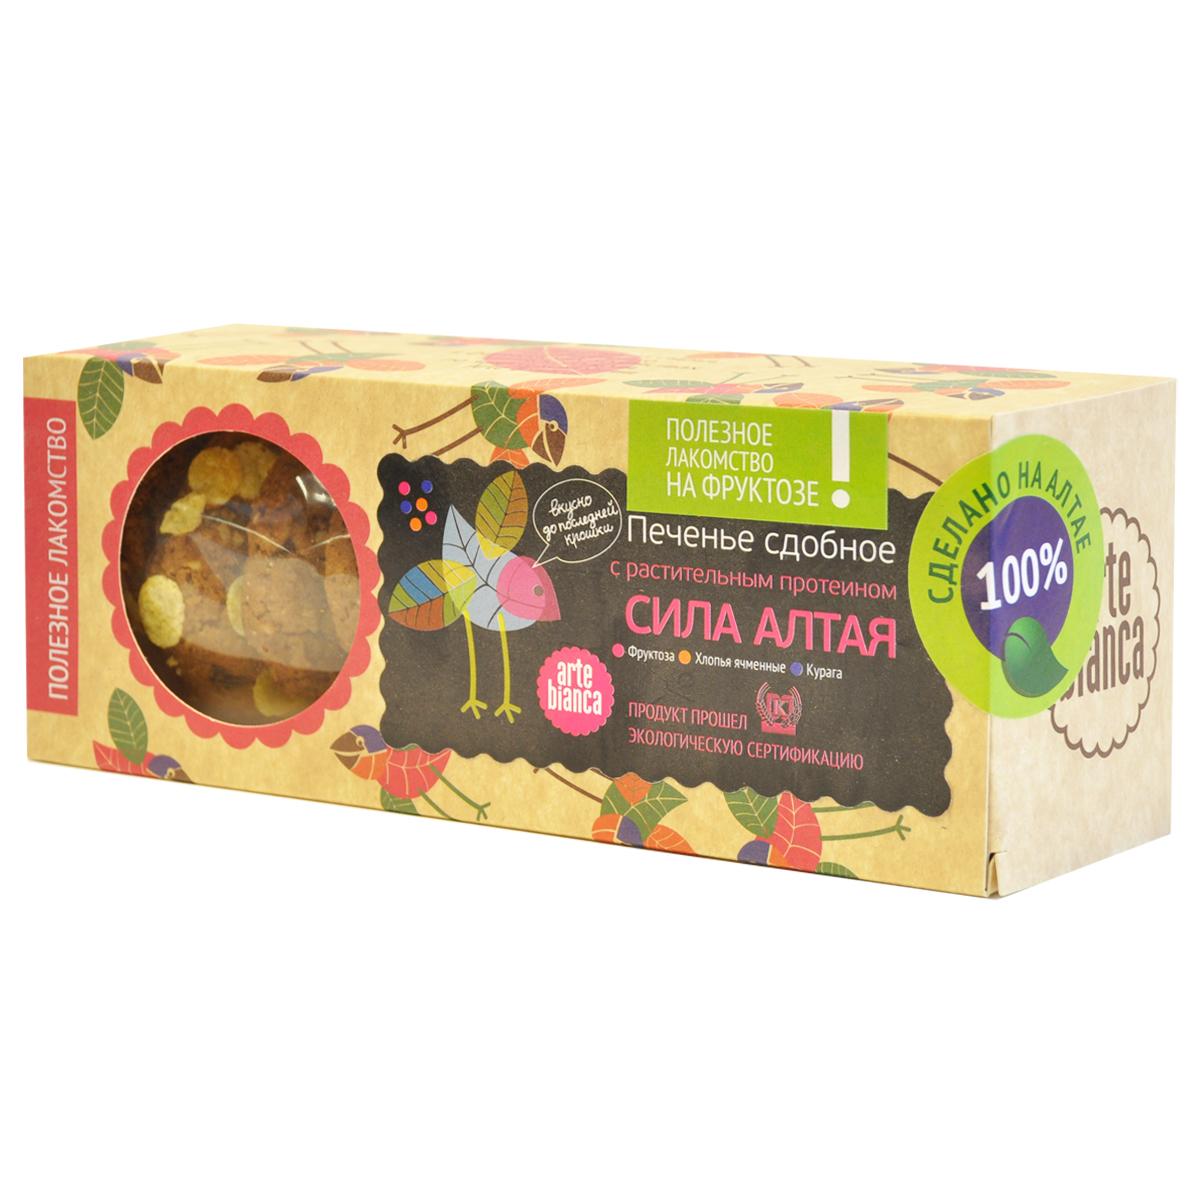 Печенье на фруктозе Сила Алтая с протеином Arte Bianca 220 г